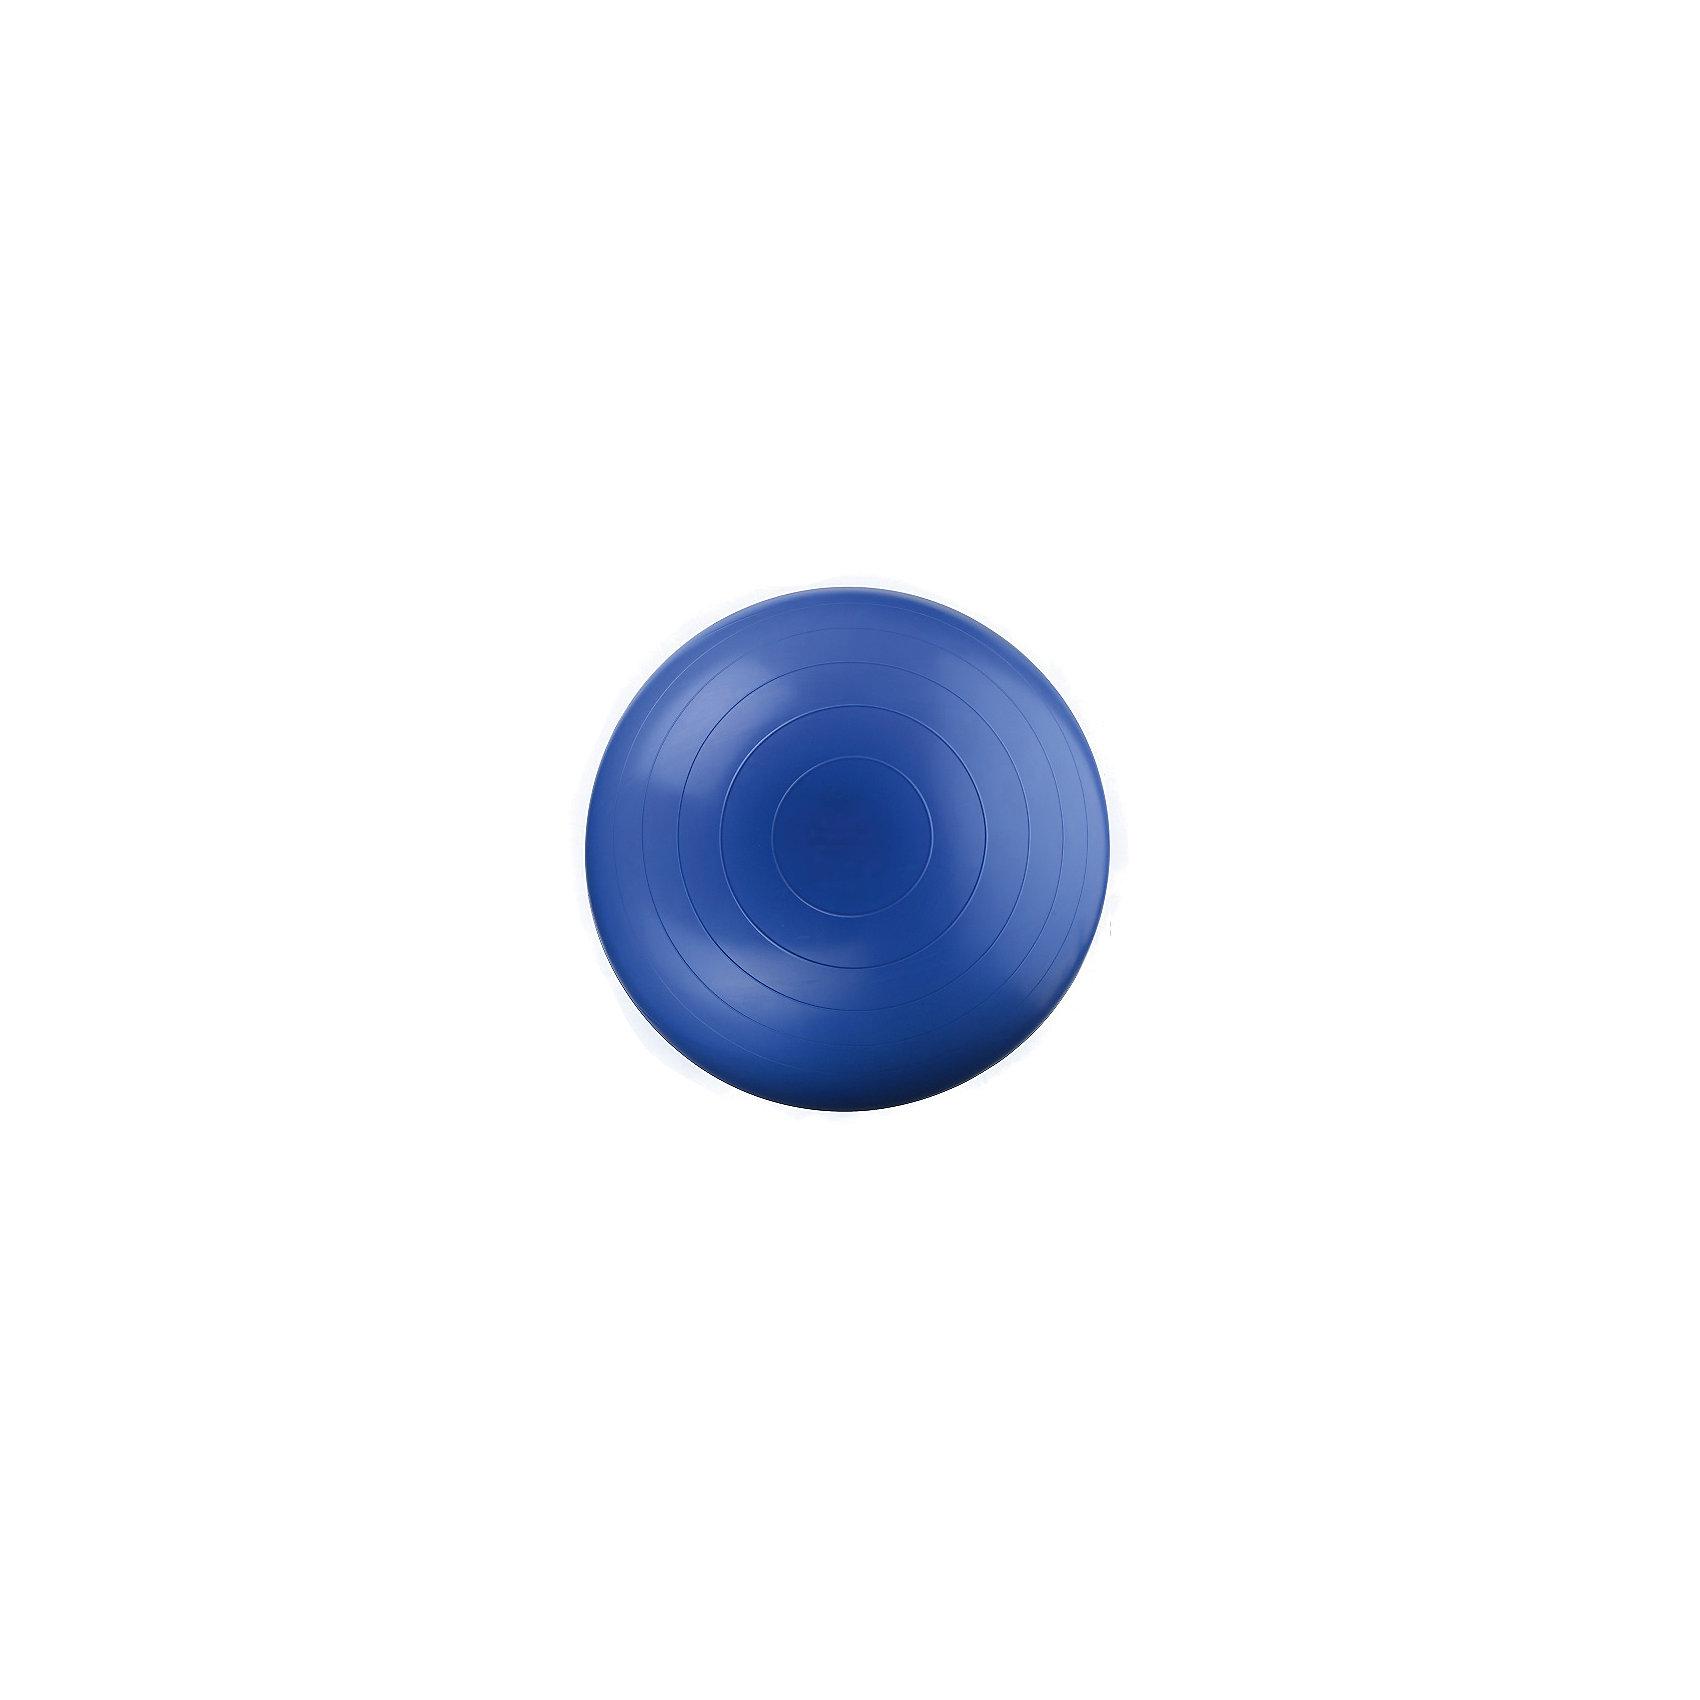 Мяч гимнастический (Фитбол), ?45см голубой, DOKAДиаметр гимнастического мяча-45 см.<br>Выдерживает нагрузку до 200 кг.,<br>снабжен системой антивзрыв,произведен из нетоксичного и гипоаллергенного ПВХ (Германия) на Итальянском оборудовании, безвредного для детей любого возраста.Во время гимнастики на фитболе сгорает больше килокалорий, чем при простой силовой тренировке, так как равномерно прорабатываются те группы мышц, которые обычно недоступны, особенно мышцы брюшного пресса и спины. Мяч очень легкий и компактный, надувается насосом в считанные минуты.<br>Идеально подходит для занятий с детьми с 4-месячного возраста с целью формирования правильных рефлексов и развития координации движения. <br>Фитбол предназначен для занятий спортивной и лечебной гимнастикой,развития и укрепления мышц спины, рук, живота и ног,формирования правильной осанки,игр и отдыха.<br><br>Ширина мм: 122<br>Глубина мм: 153<br>Высота мм: 254<br>Вес г: 840<br>Возраст от месяцев: 4<br>Возраст до месяцев: 192<br>Пол: Унисекс<br>Возраст: Детский<br>SKU: 5510729